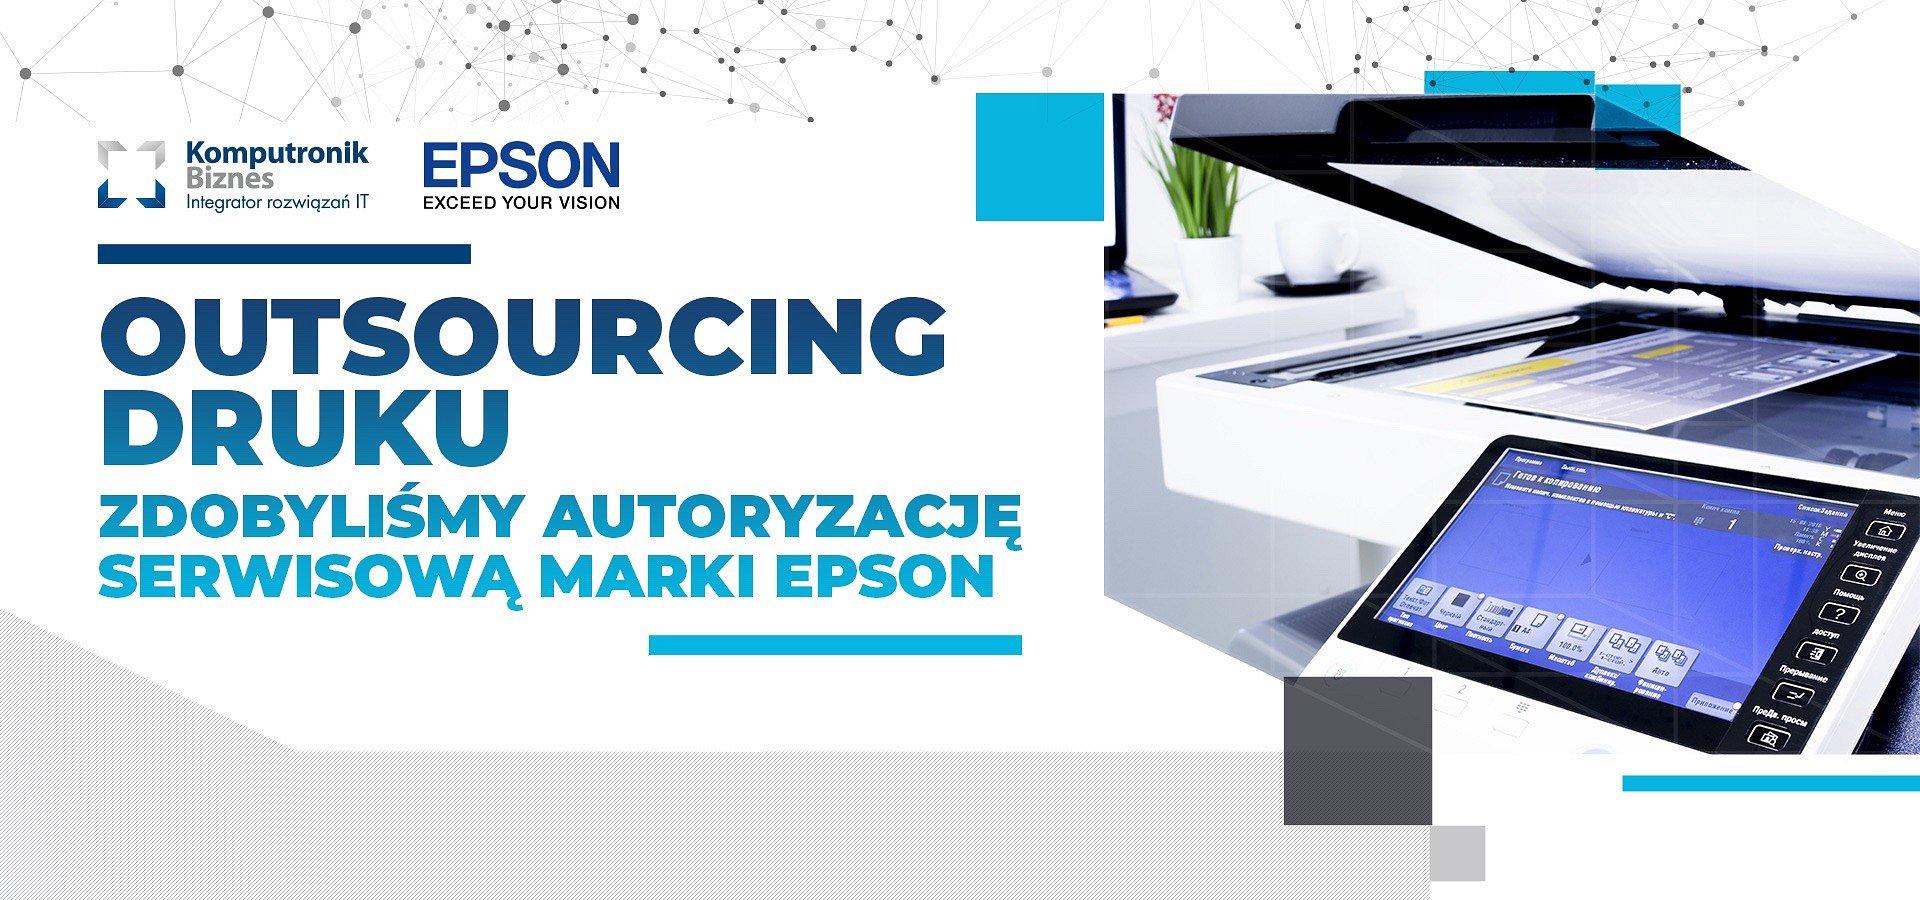 Komputronik Biznes z autoryzacją partnerską Epson Europe